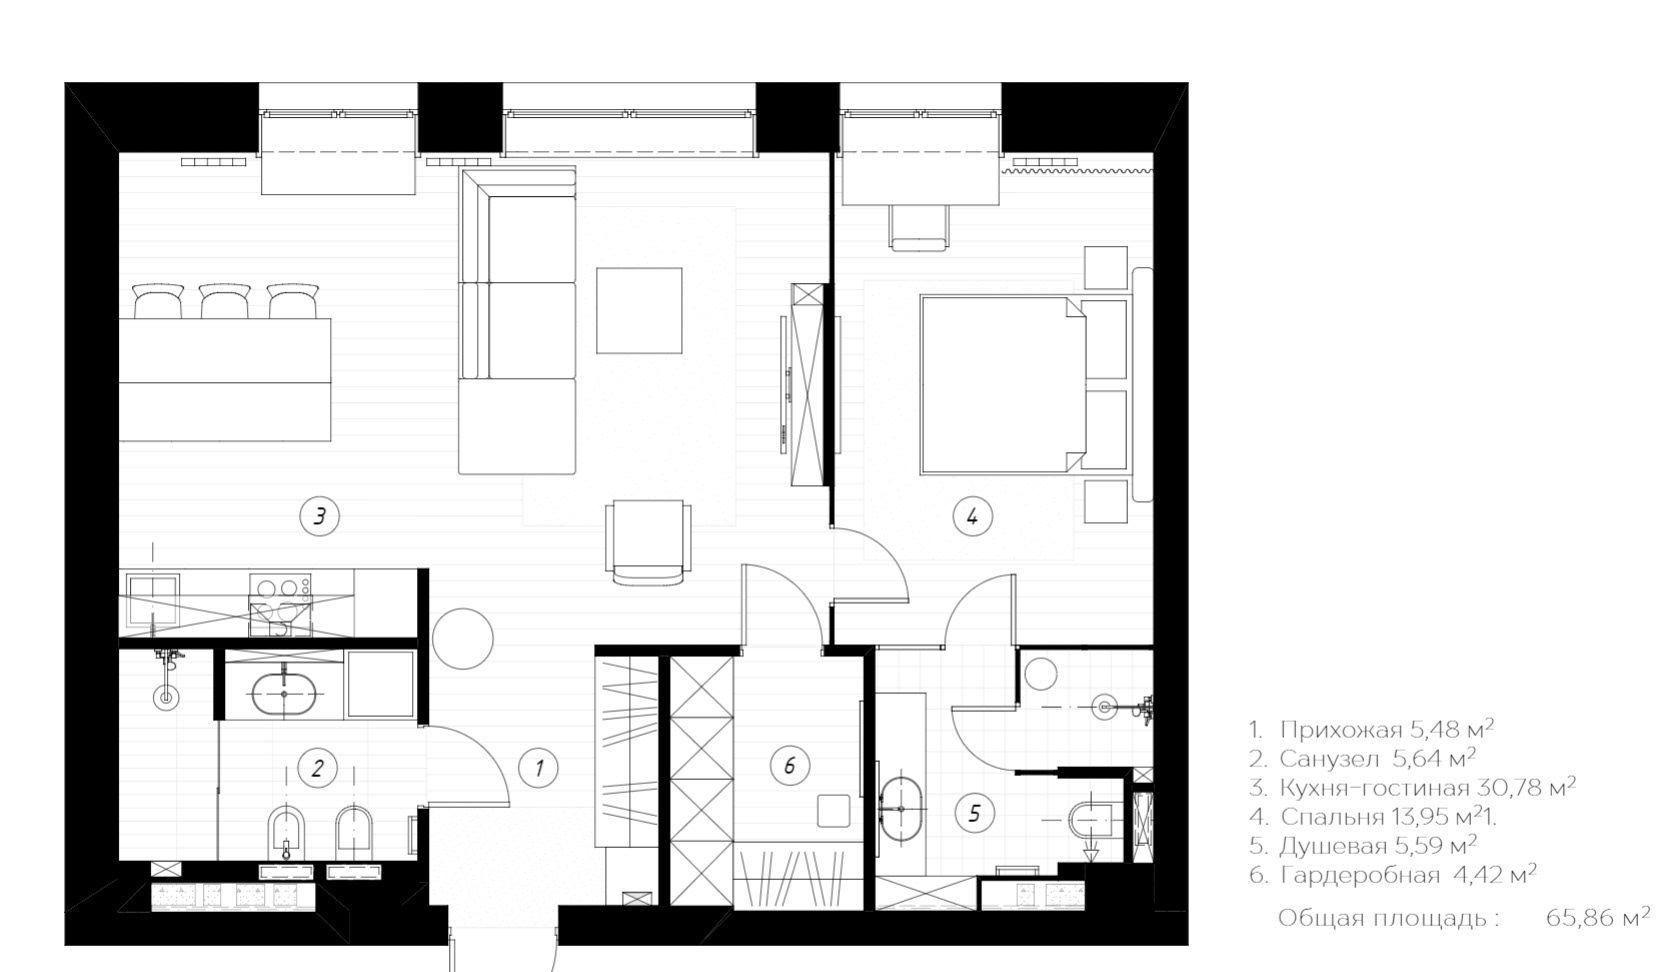 小两口改造66平方小户型,追求时尚与潮流,布局空间完美结合